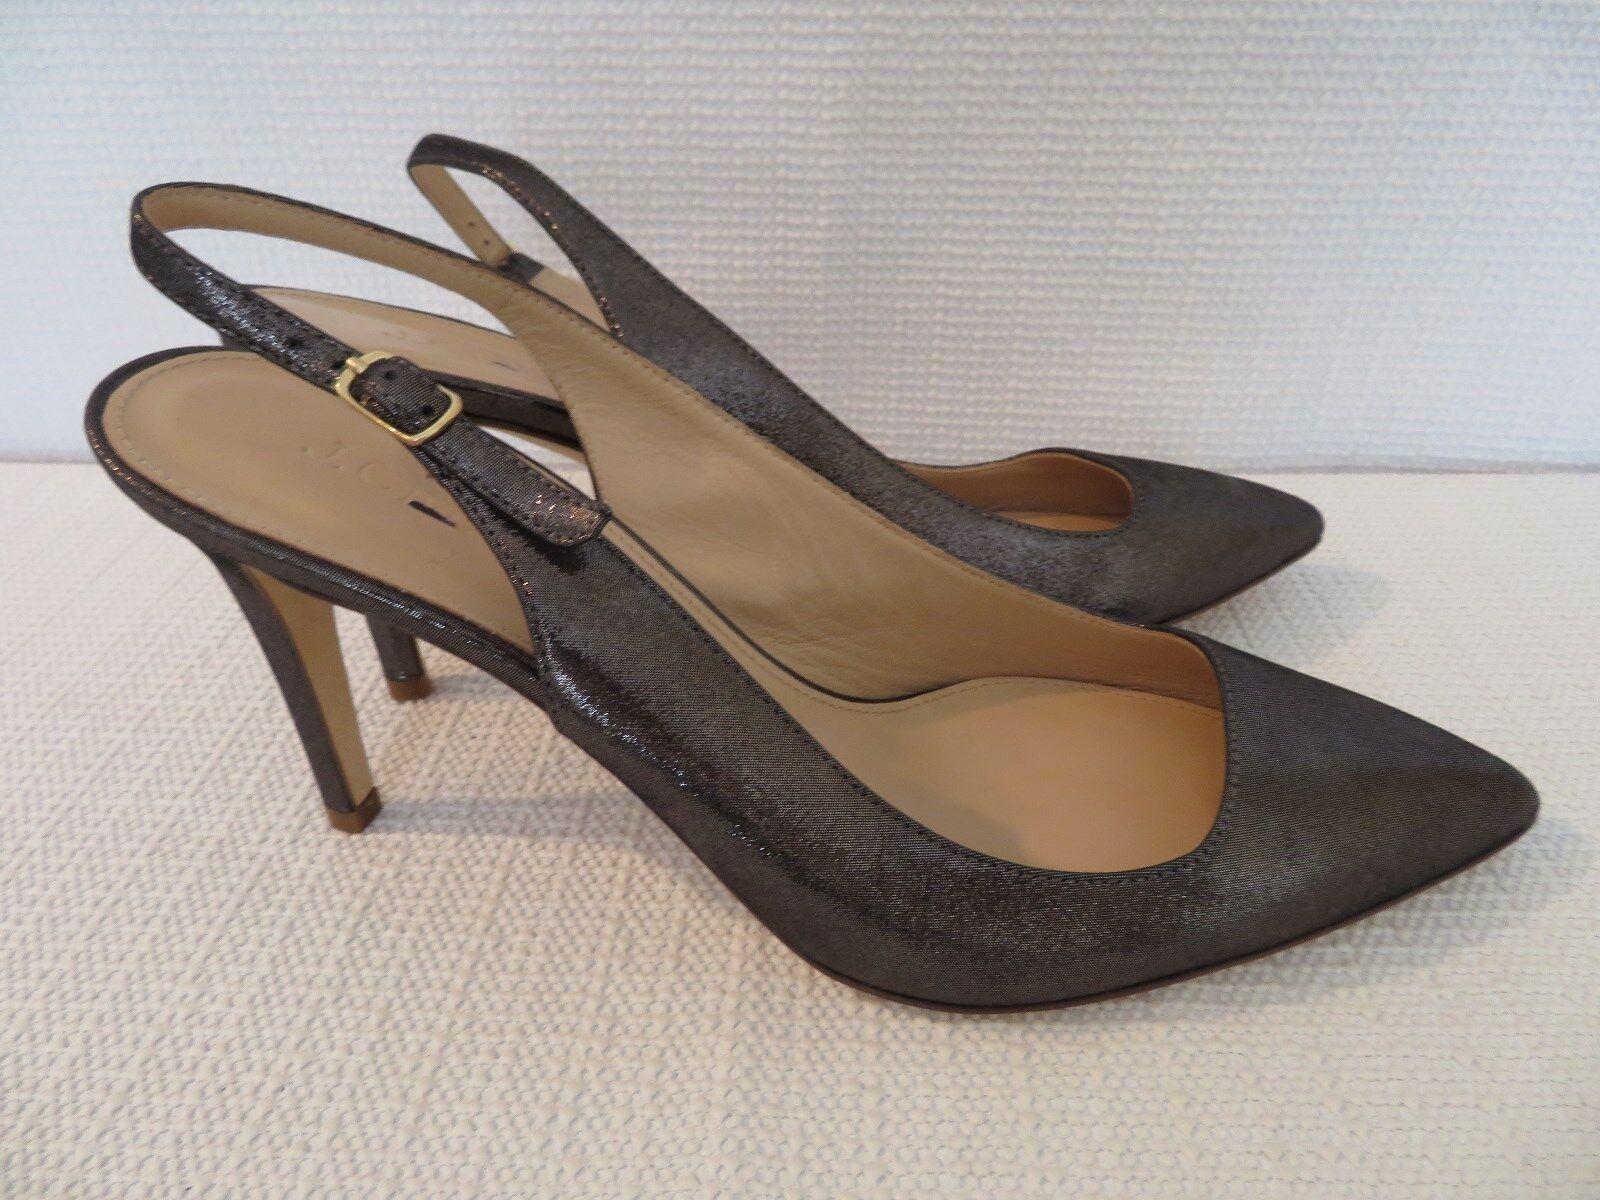 Nouveau J. J. J. CREW Métallique Daim Bride Arrière Escarpins, A1463, métallique, Taille 7.5 6e4beb